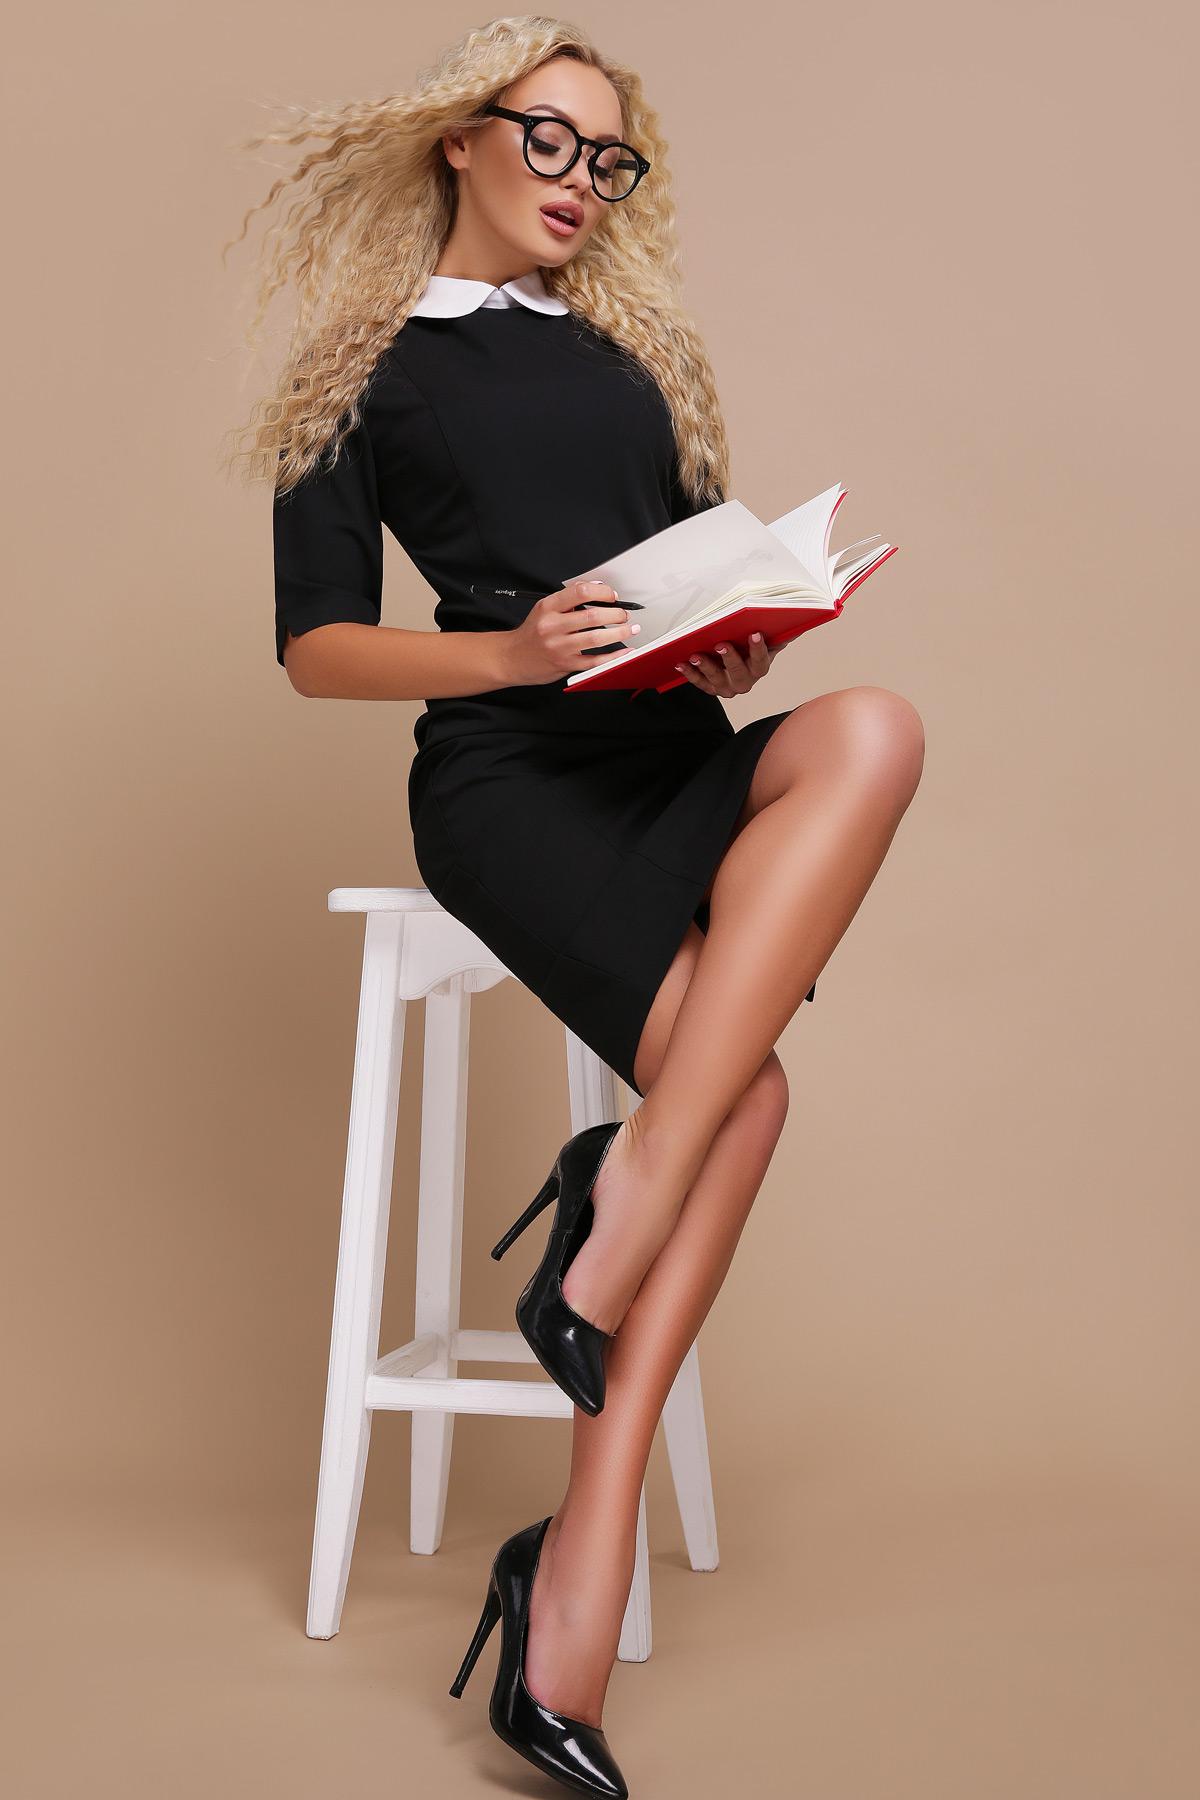 bdf7351dcfb6f4d Цвет: черный купить; строгое черное платье. платье Ундина 3/4. Цвет: черный  цена